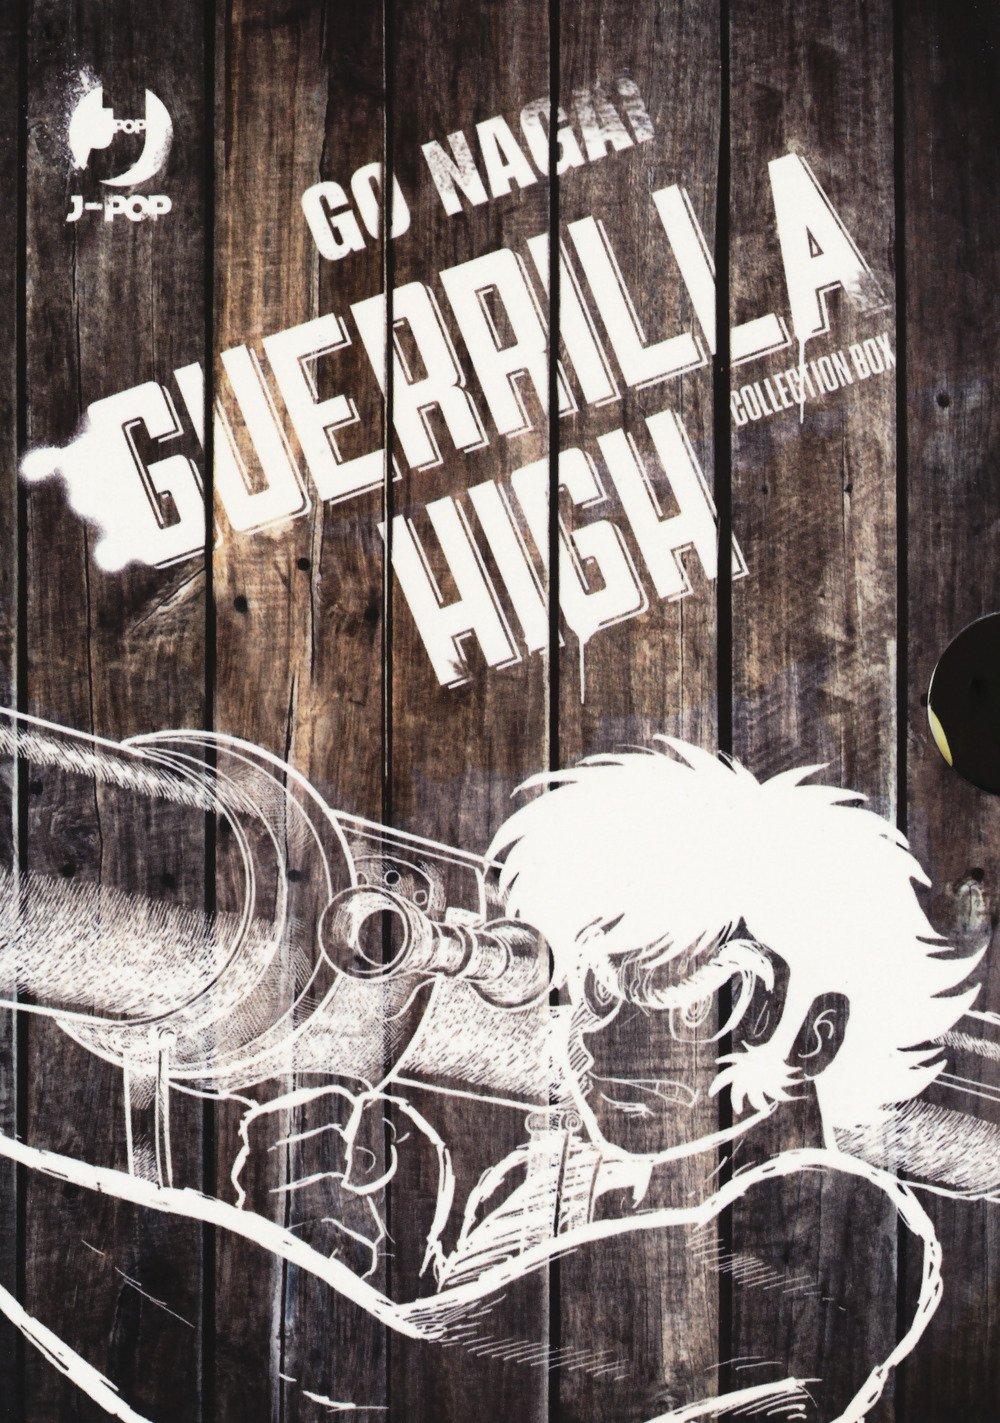 Guerrilla high. Vol. 1-2